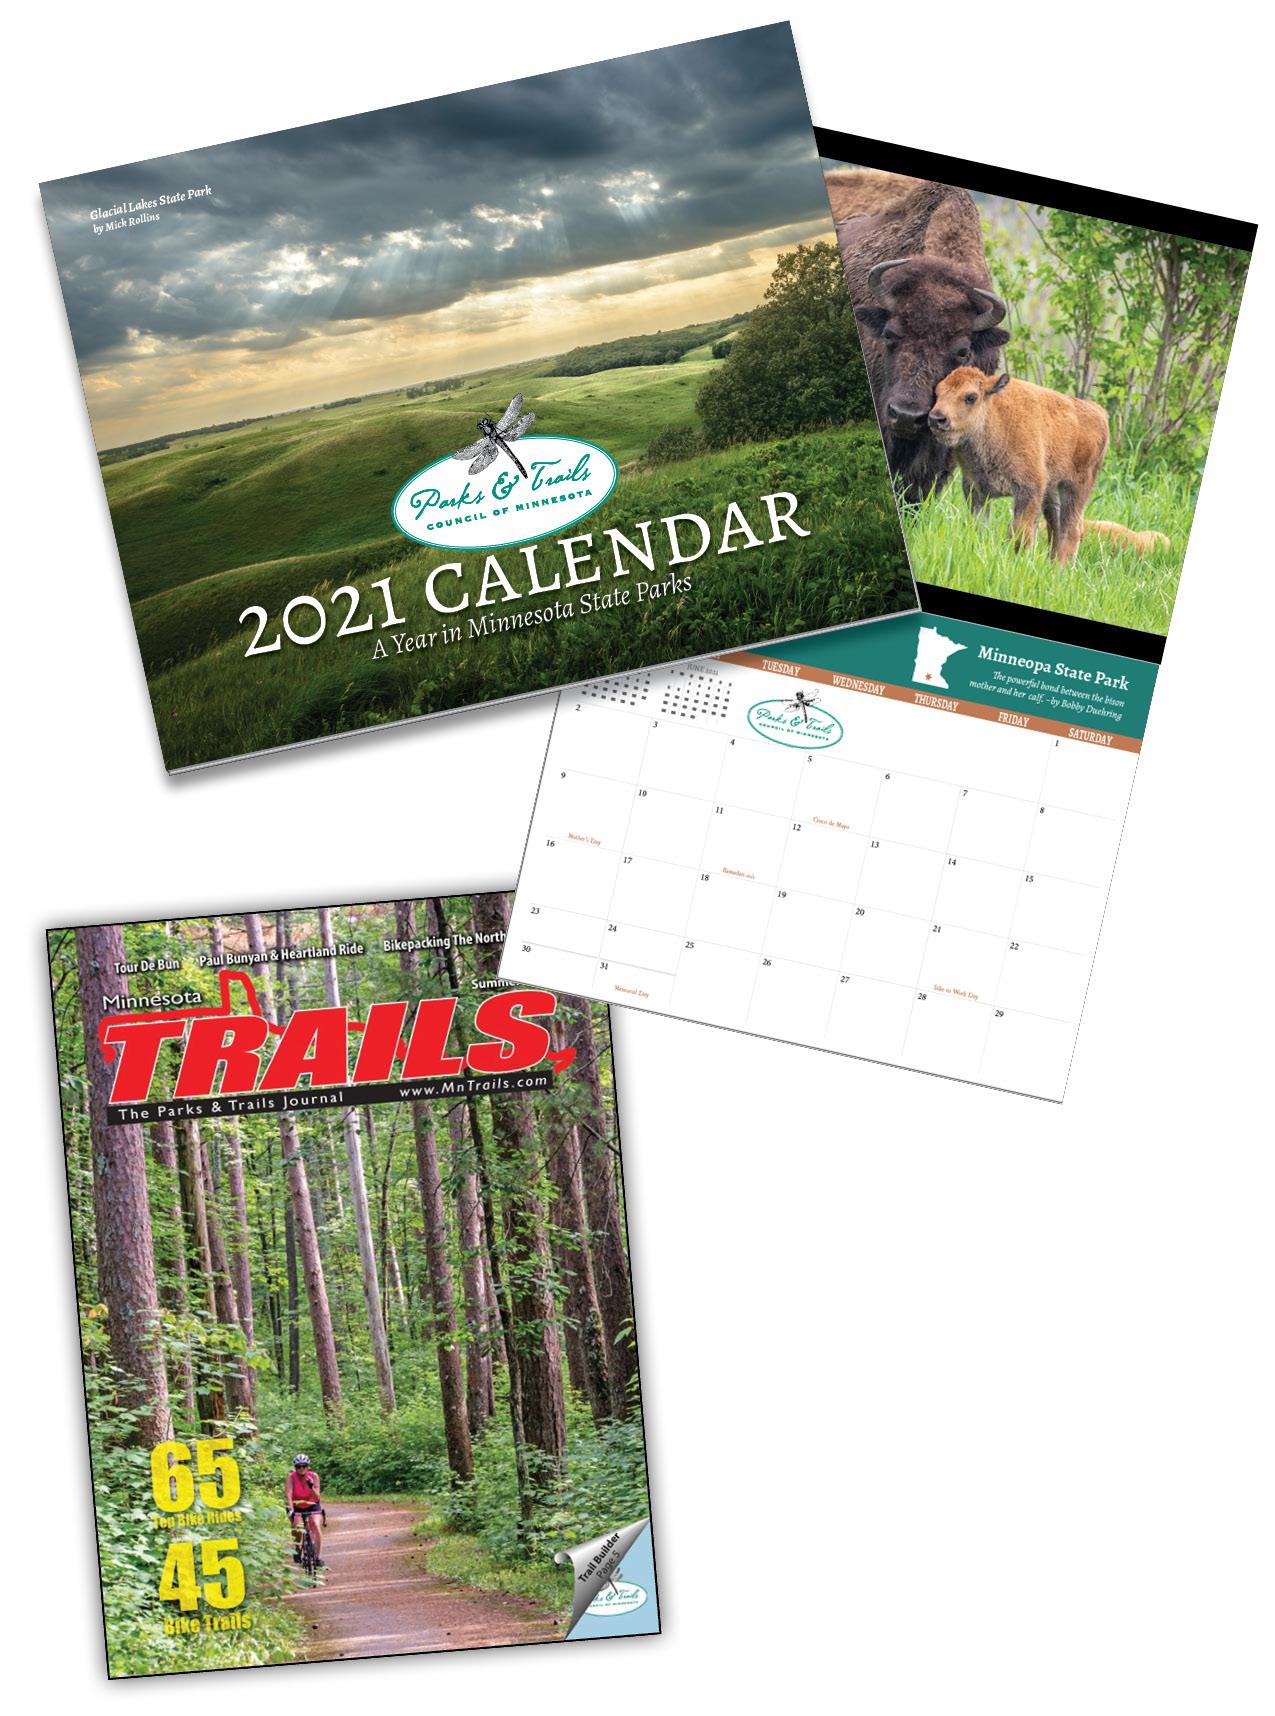 Calendar cover and magazine cover